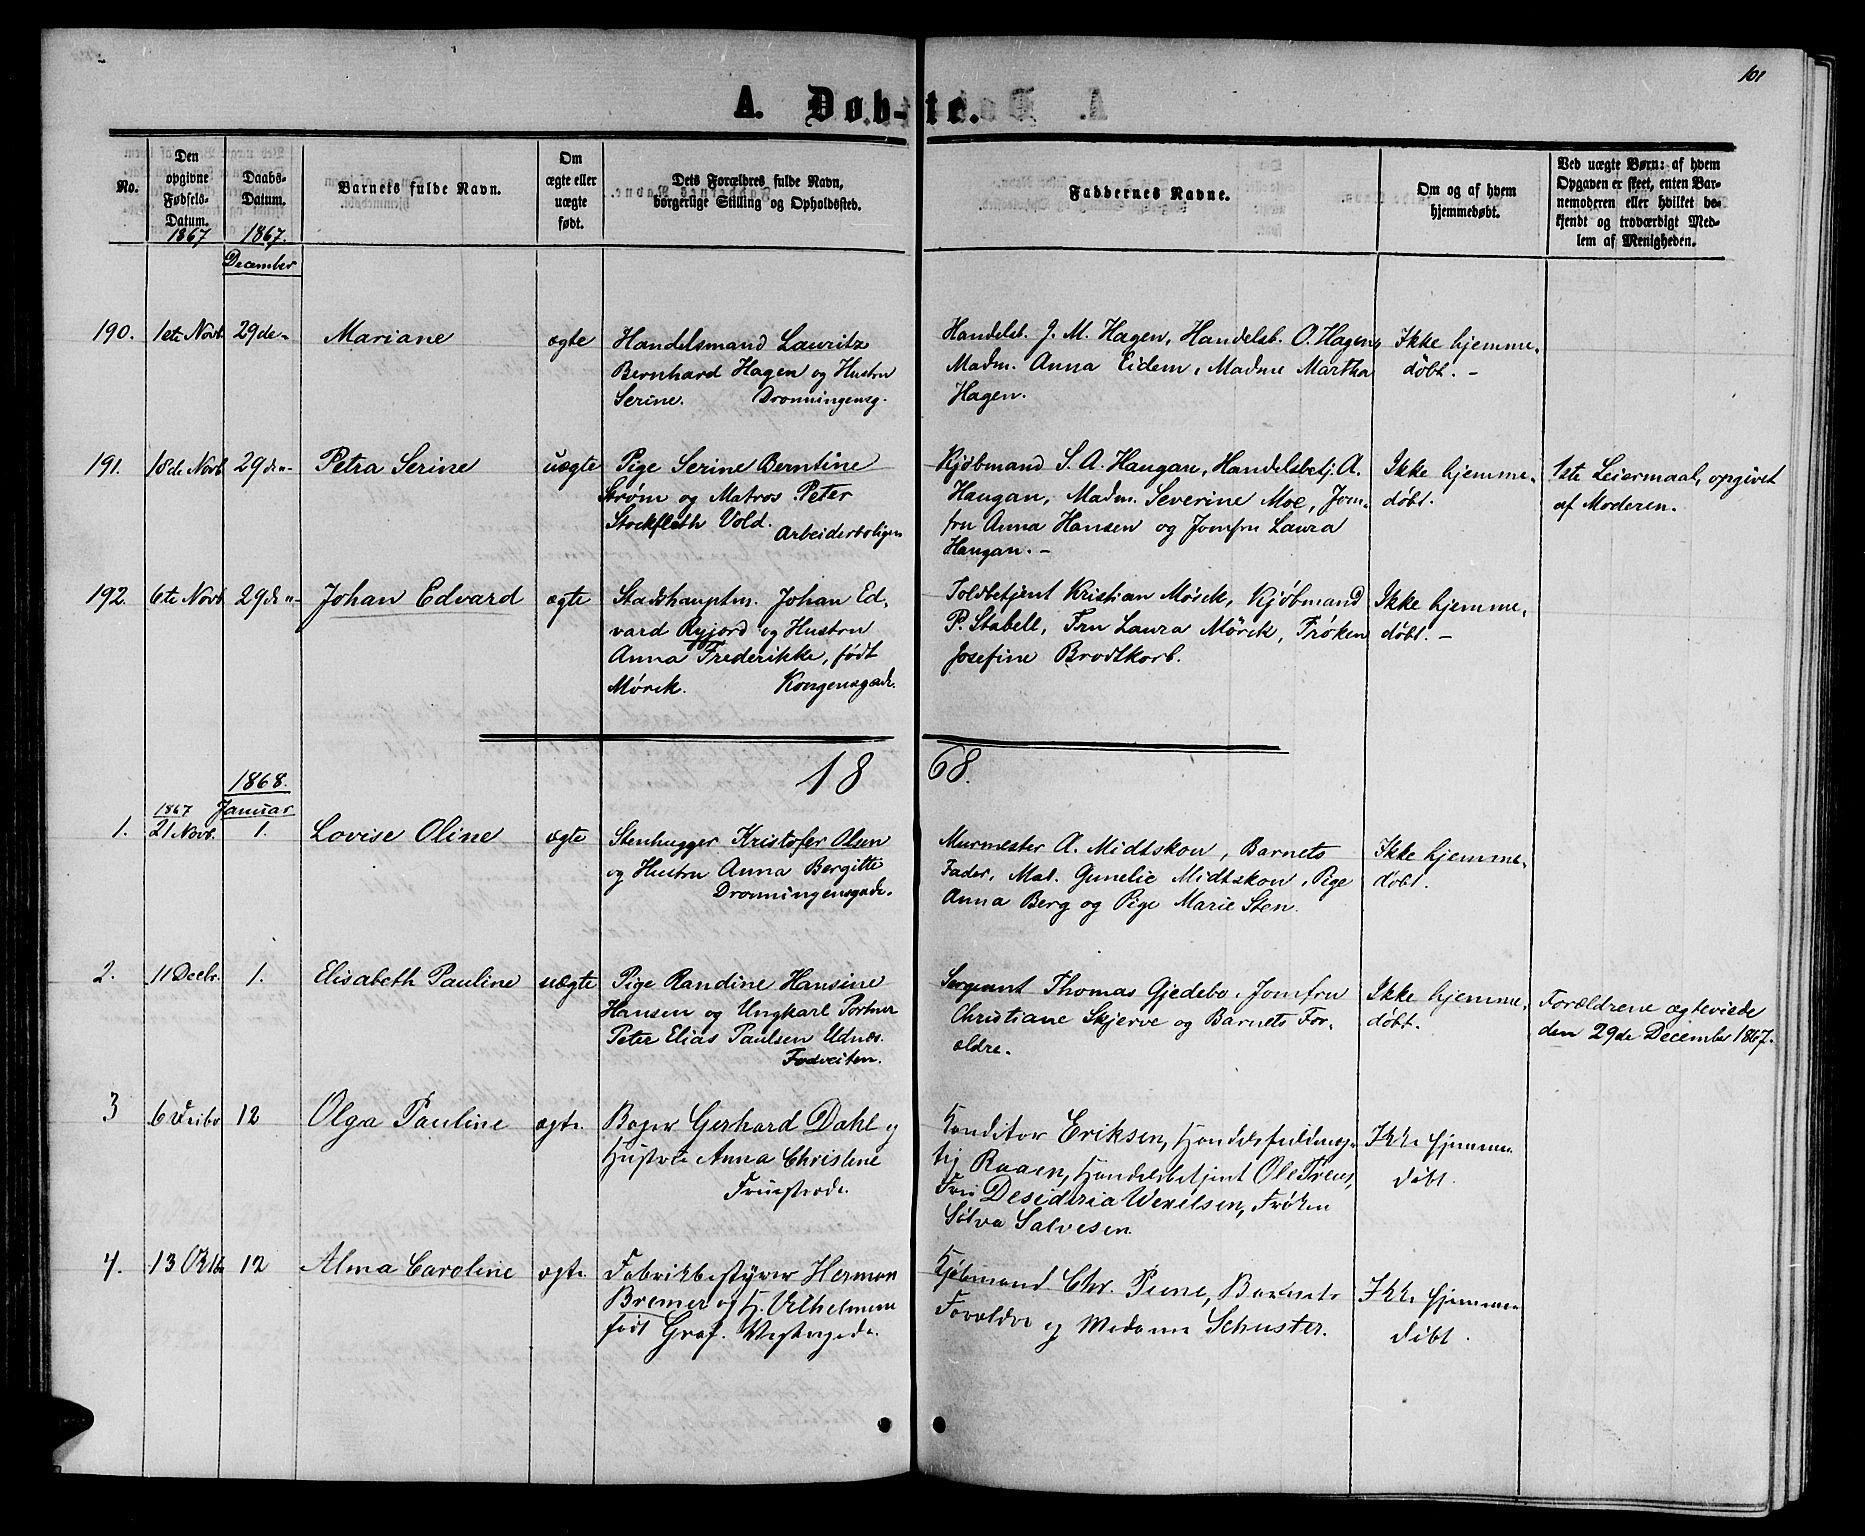 SAT, Ministerialprotokoller, klokkerbøker og fødselsregistre - Sør-Trøndelag, 601/L0087: Klokkerbok nr. 601C05, 1864-1881, s. 101